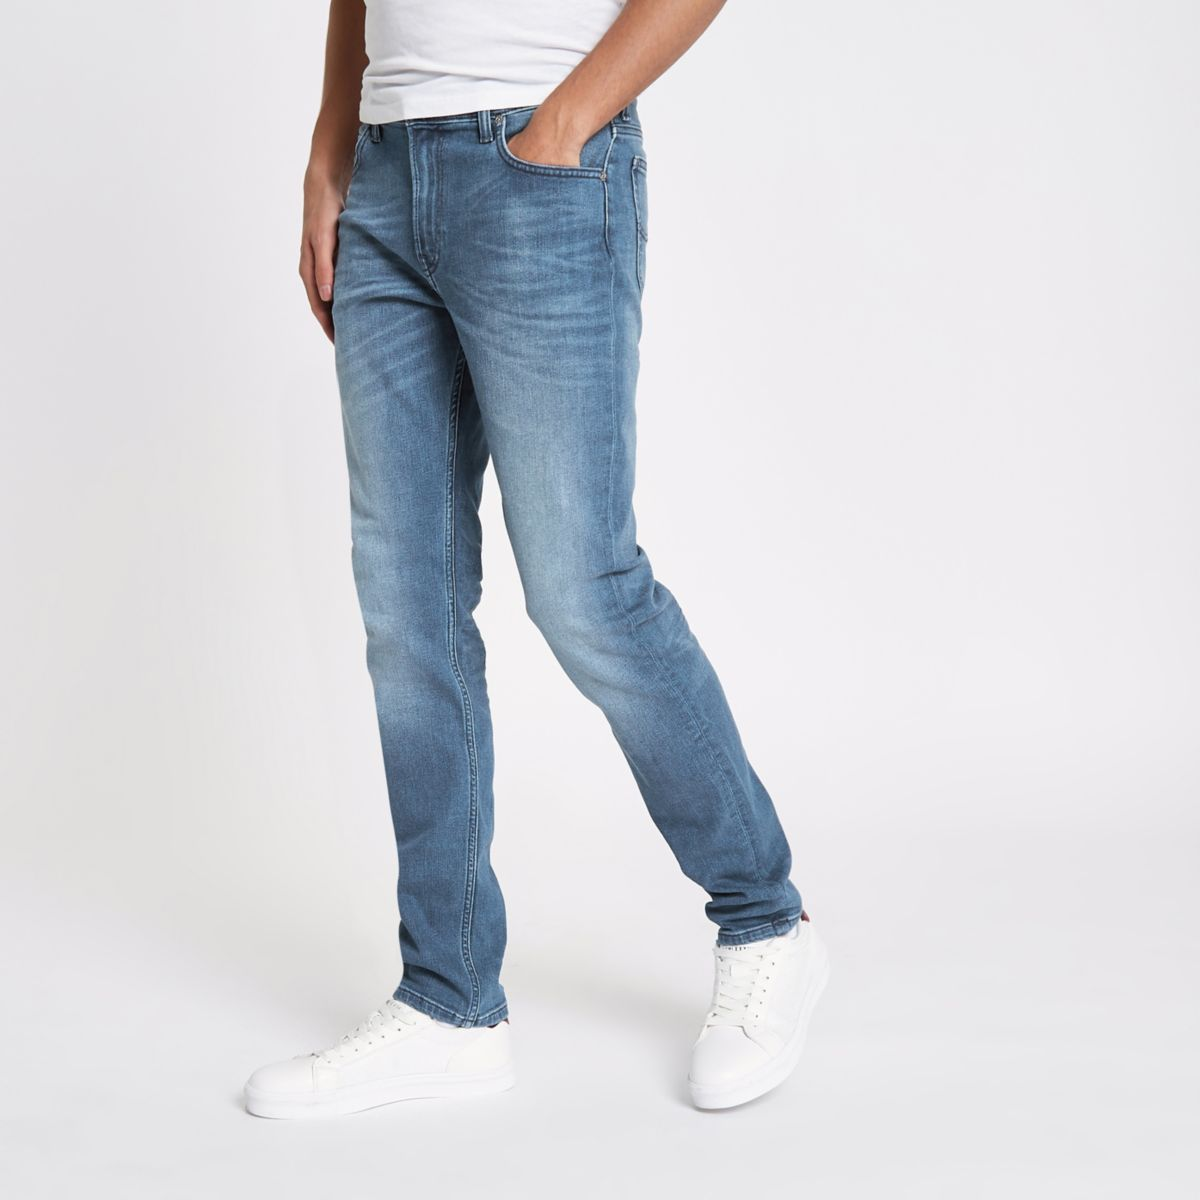 Lee Rider - Blauwe slim-fit jeans